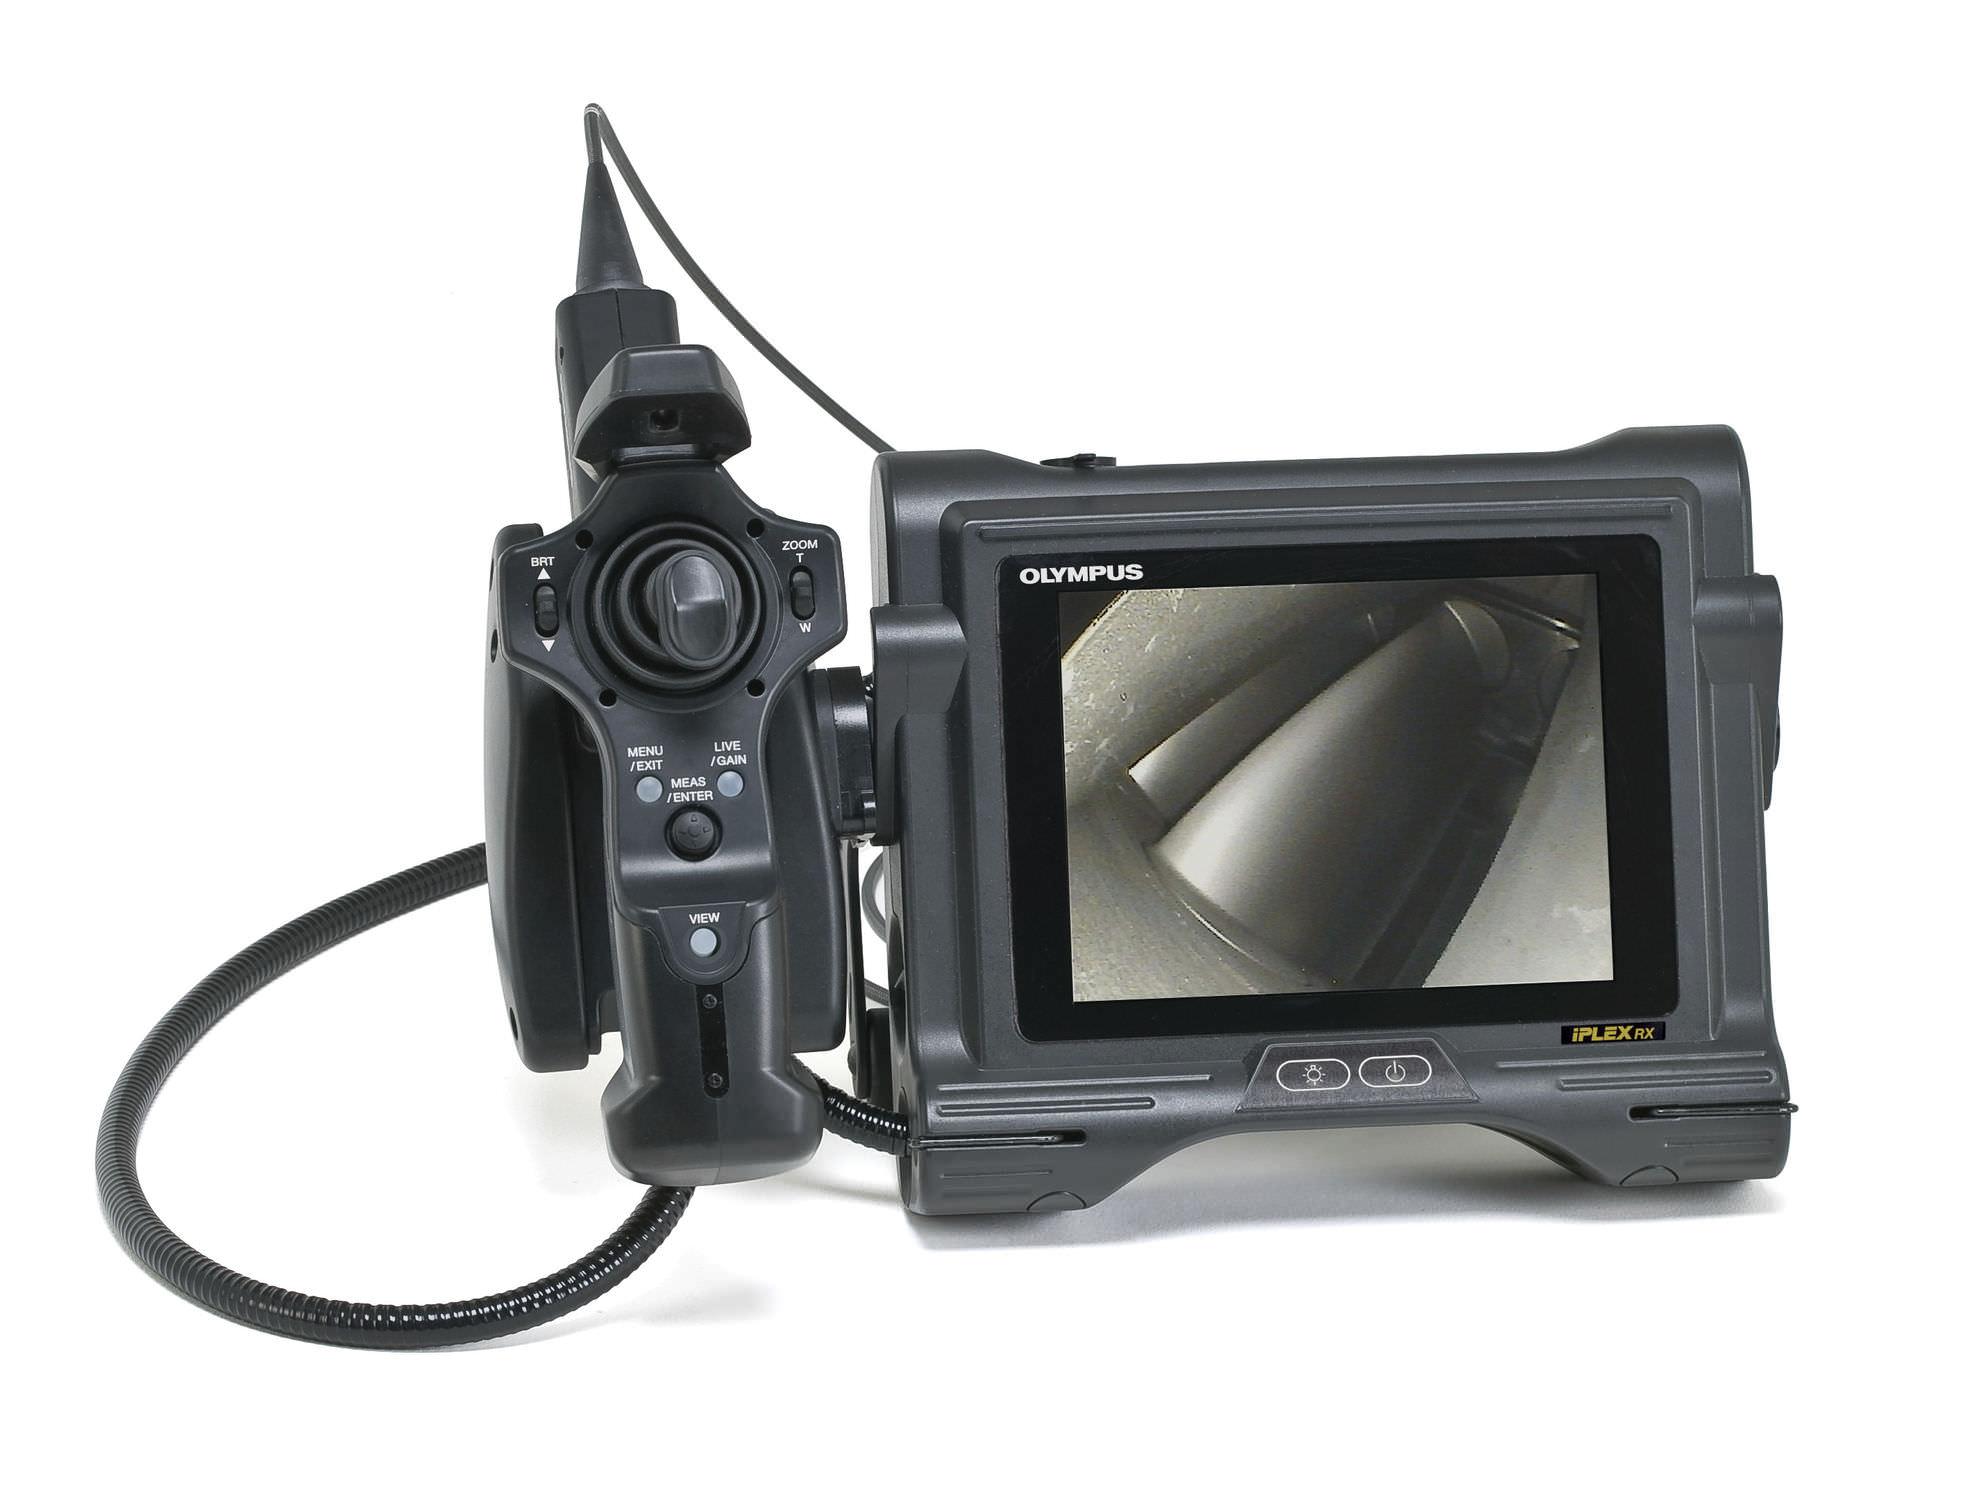 IPLEX RX - IV9650RX